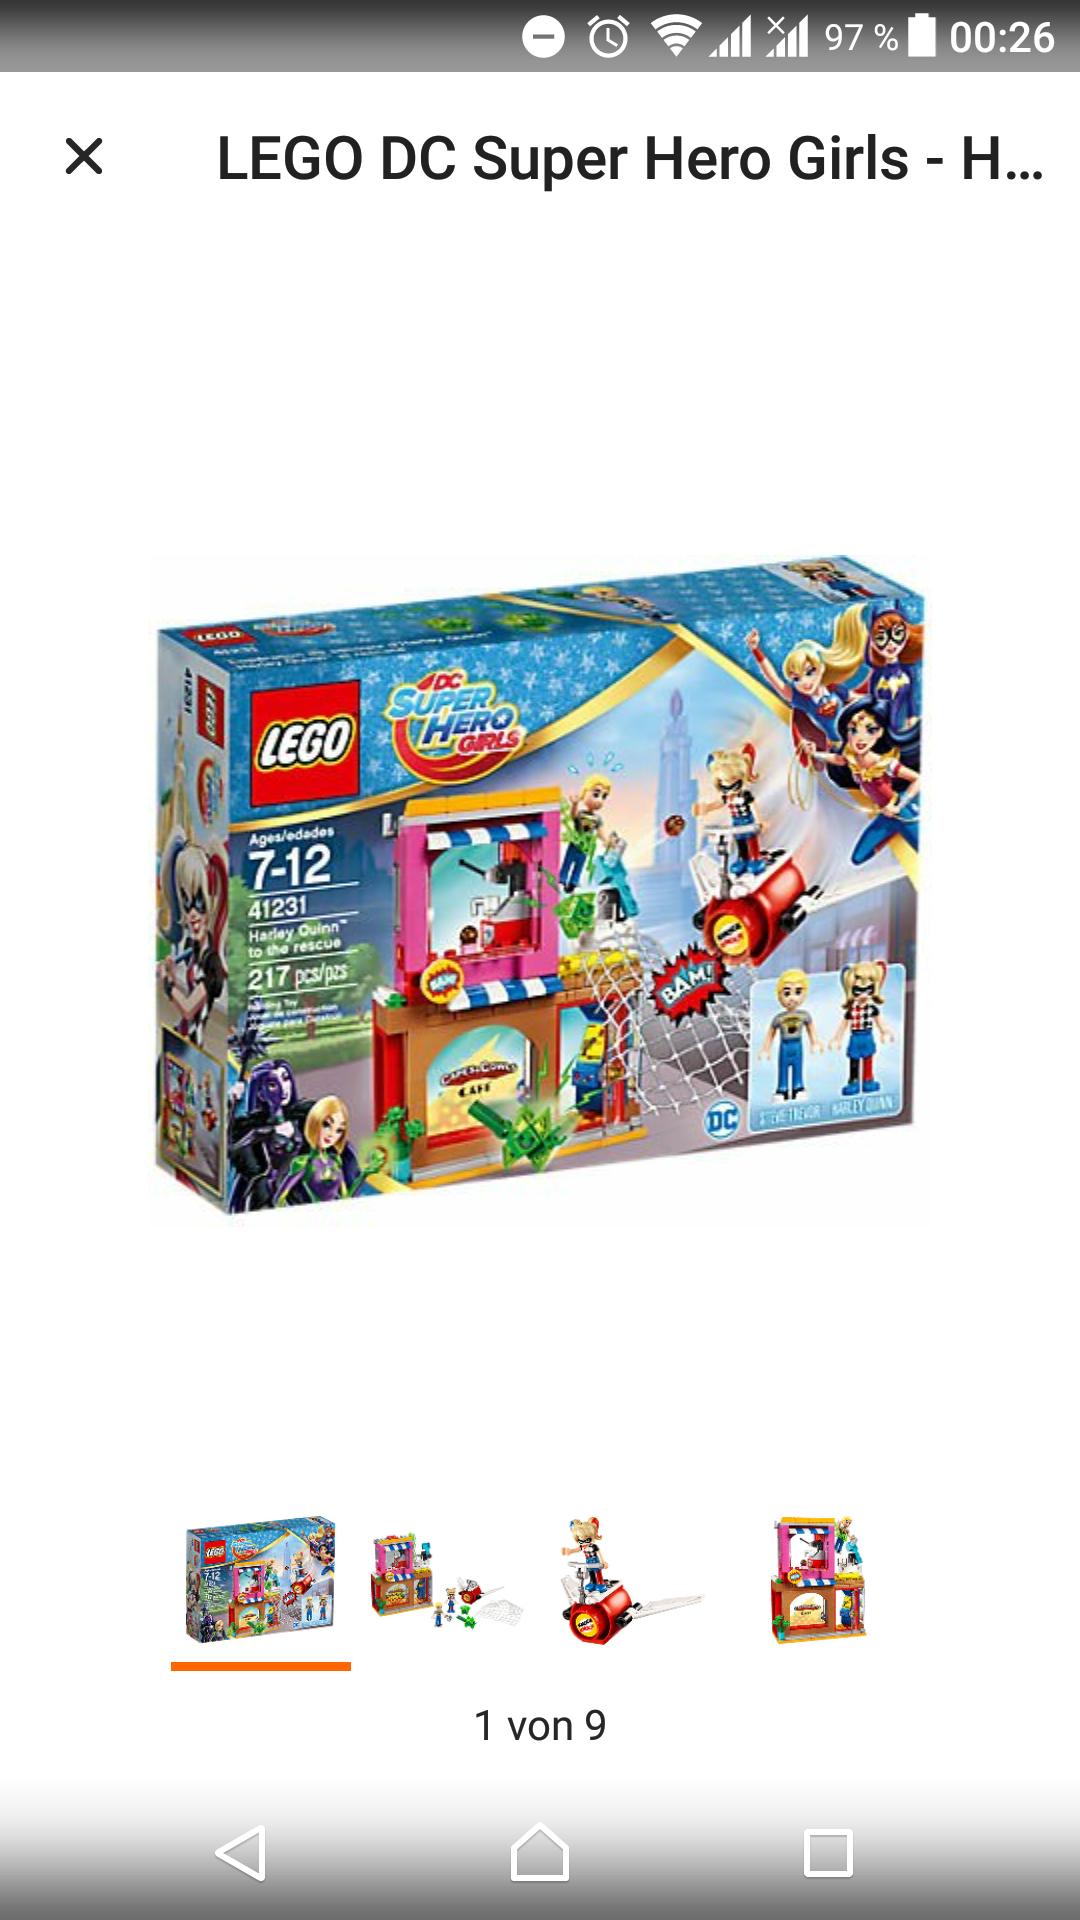 (Real.de) wieder einige günstige Sets z.B. Lego 41231 für 12,77€